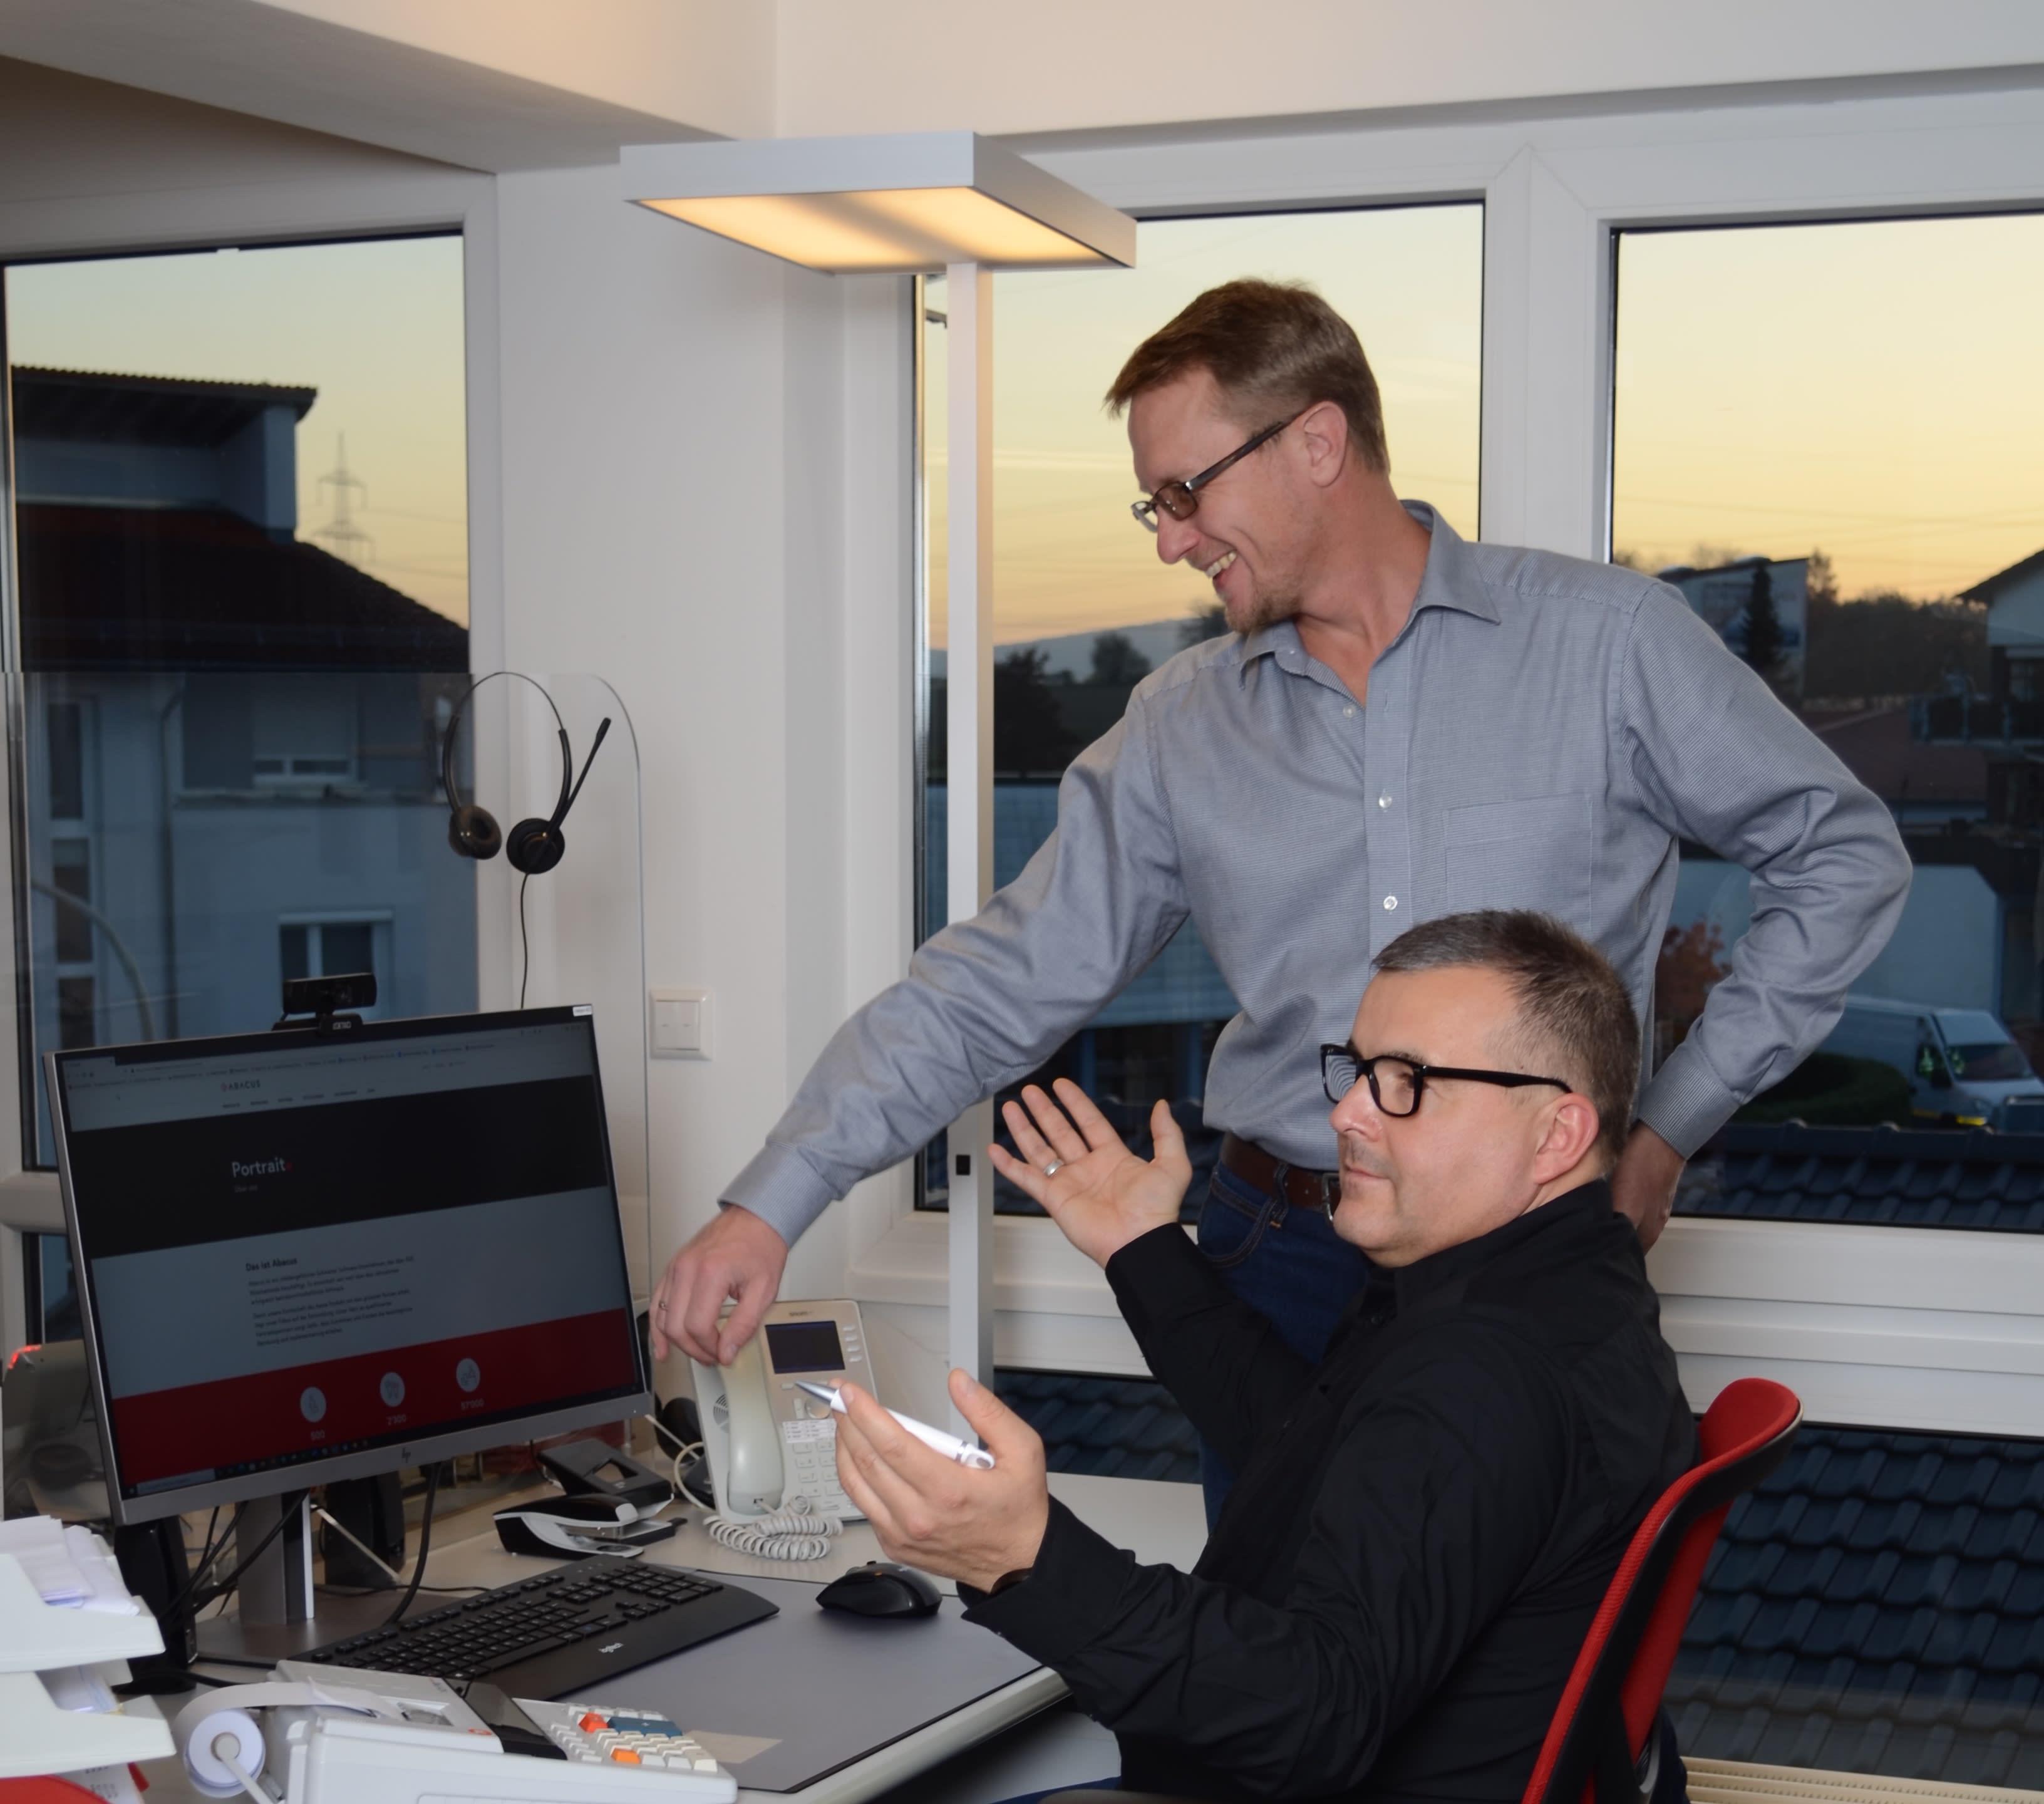 Sergej und Michael am Arbeitsplatz